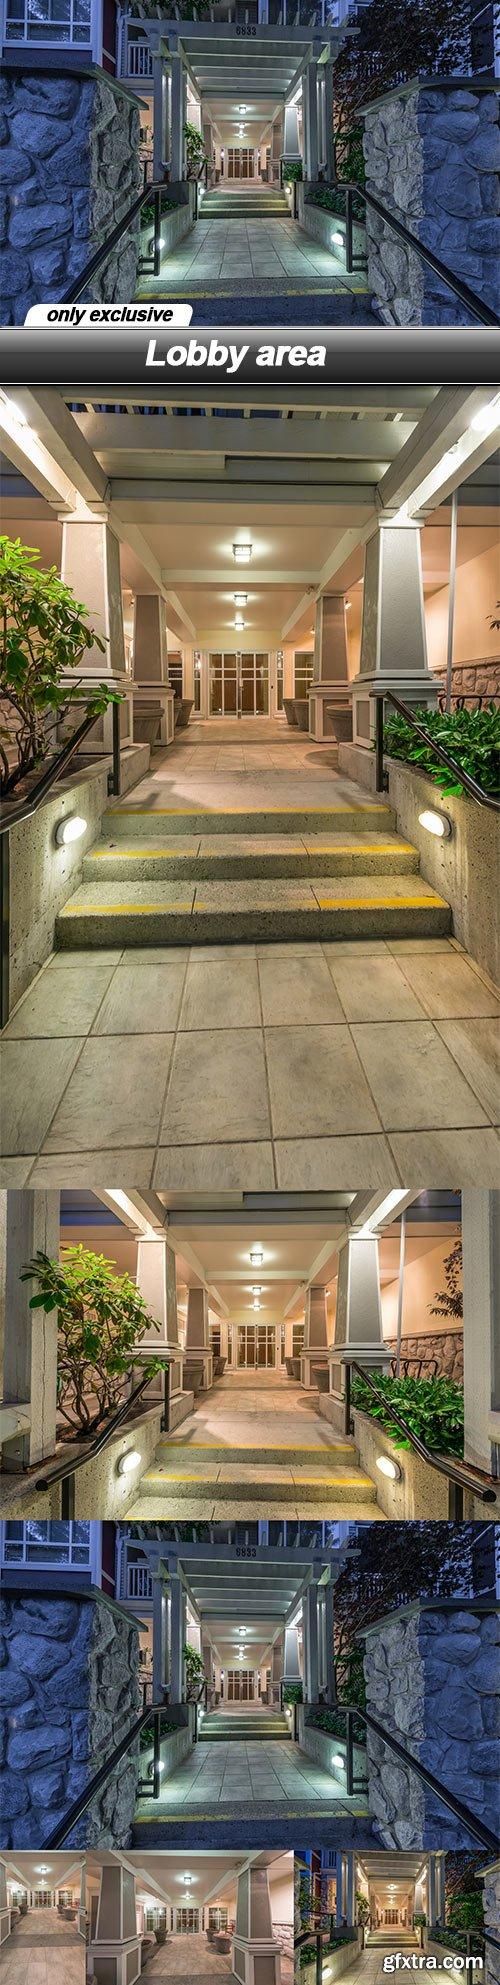 Lobby area - 6 UHQ JPEG